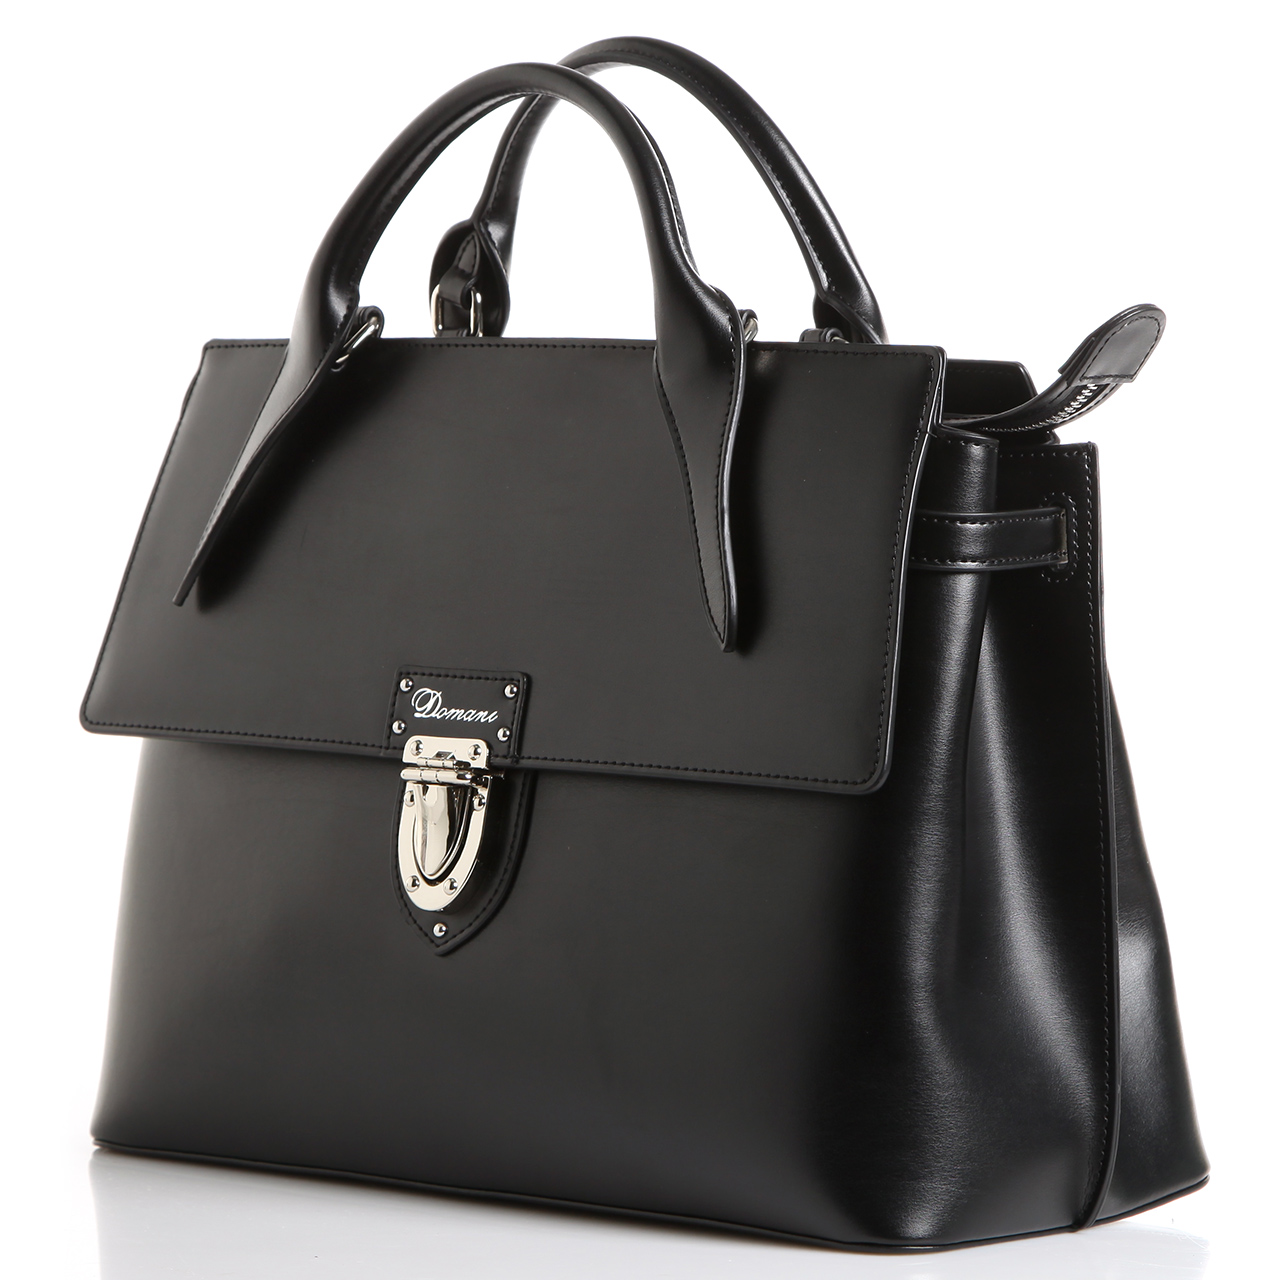 34837efbda9b Кожаные сумки купить в интернет-магазине Домани (Domani)